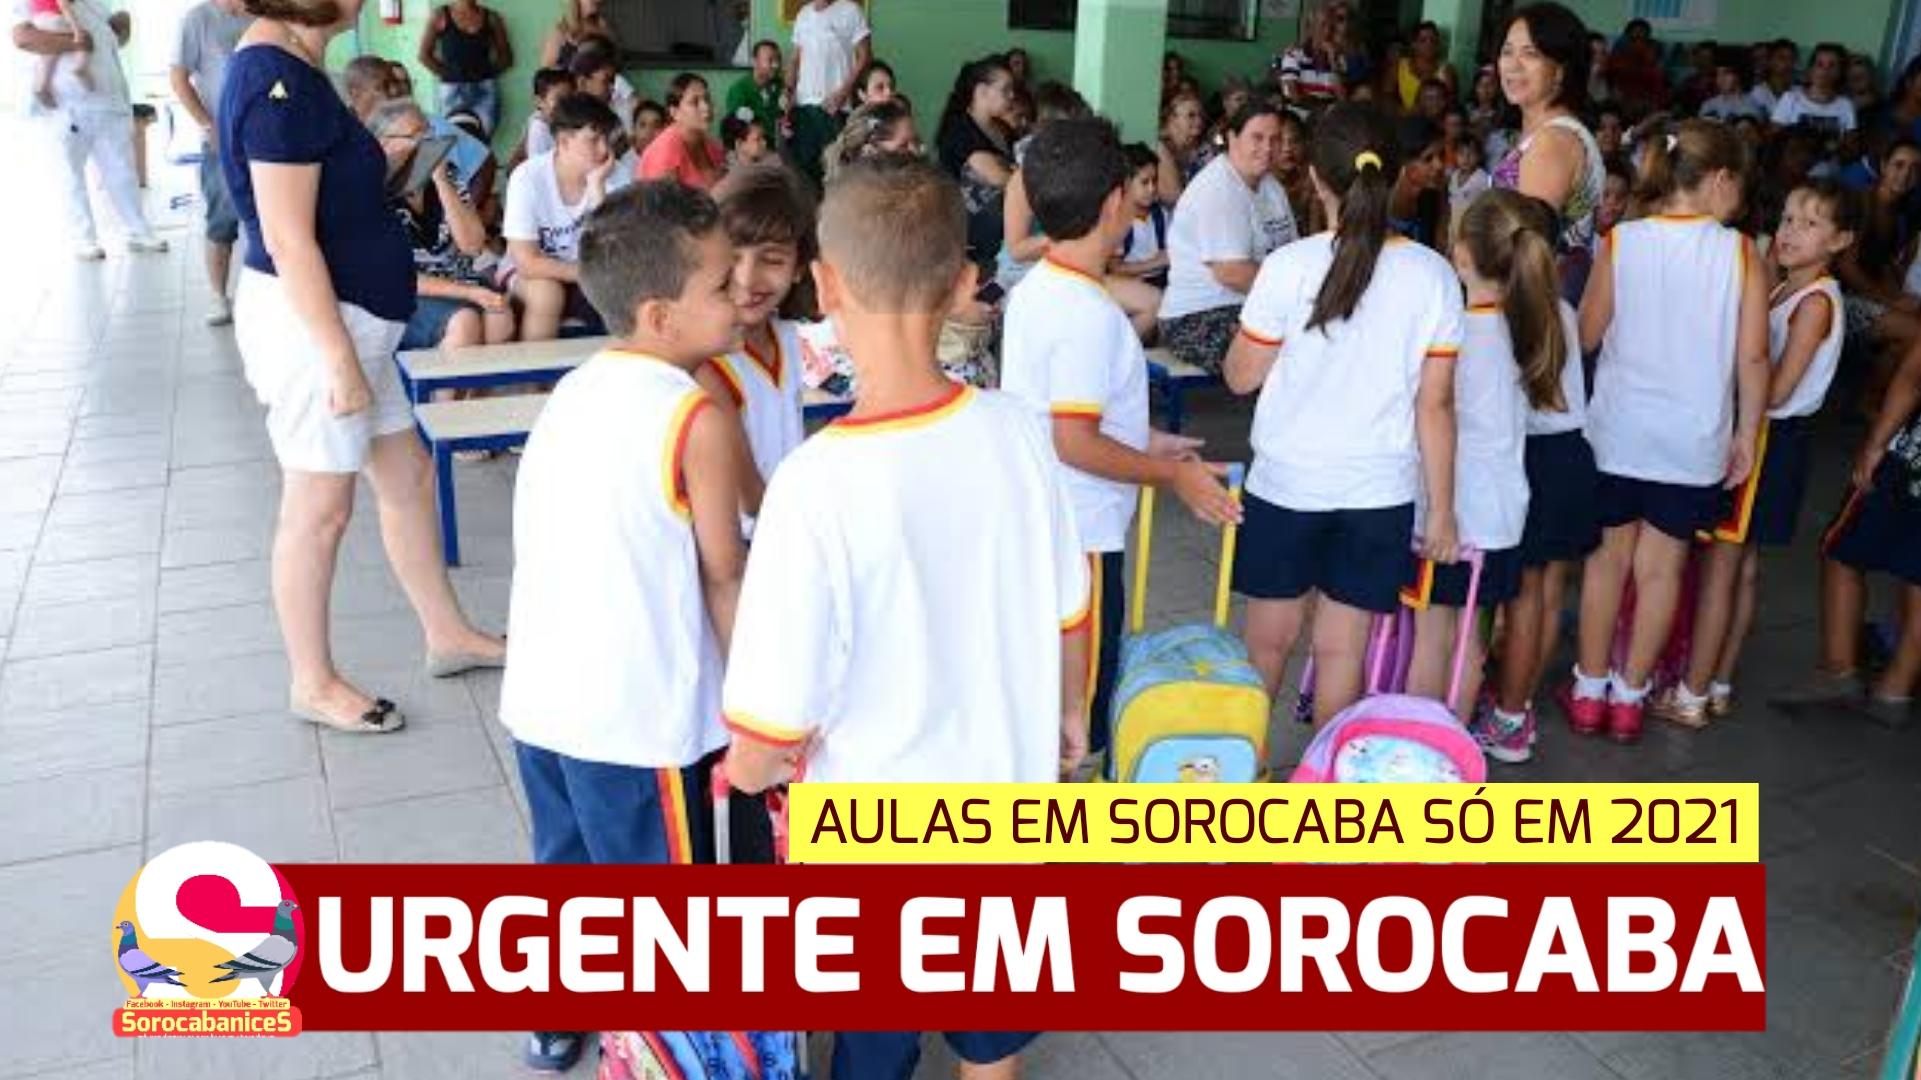 Sorocaba determina retorno das aulas da rede municipal só em 2021